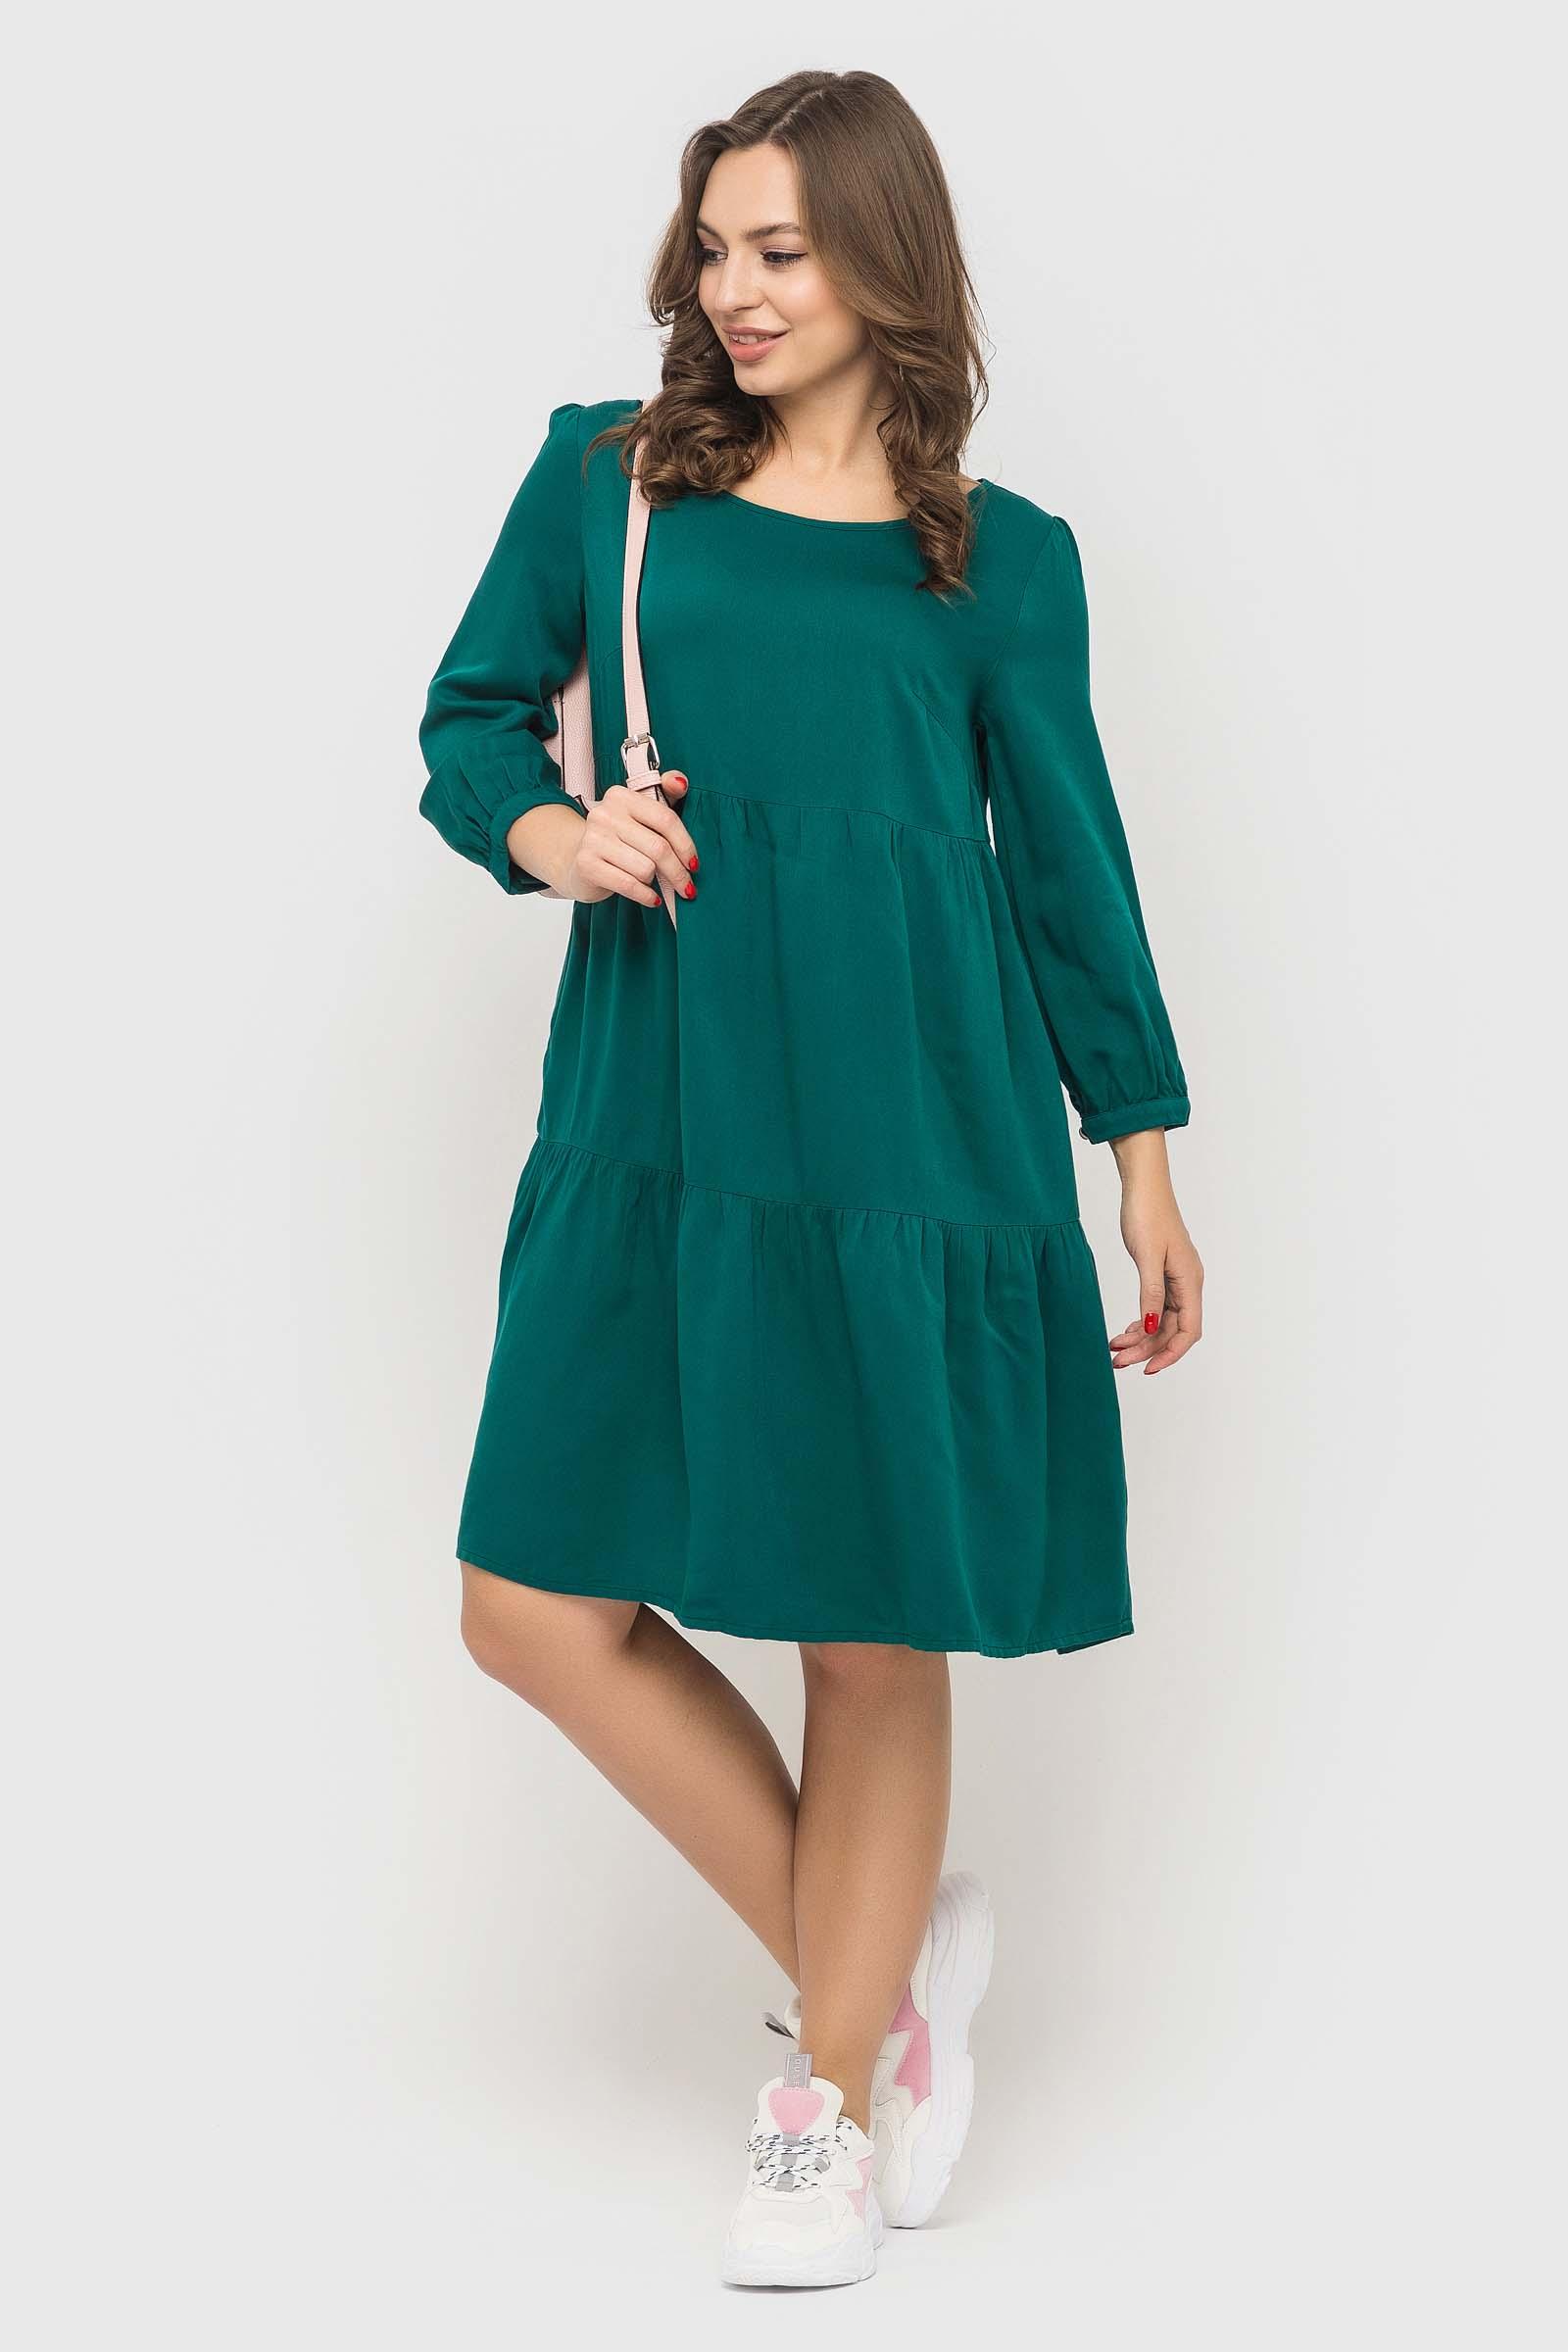 be art 2020 04 07182448 Купить платье